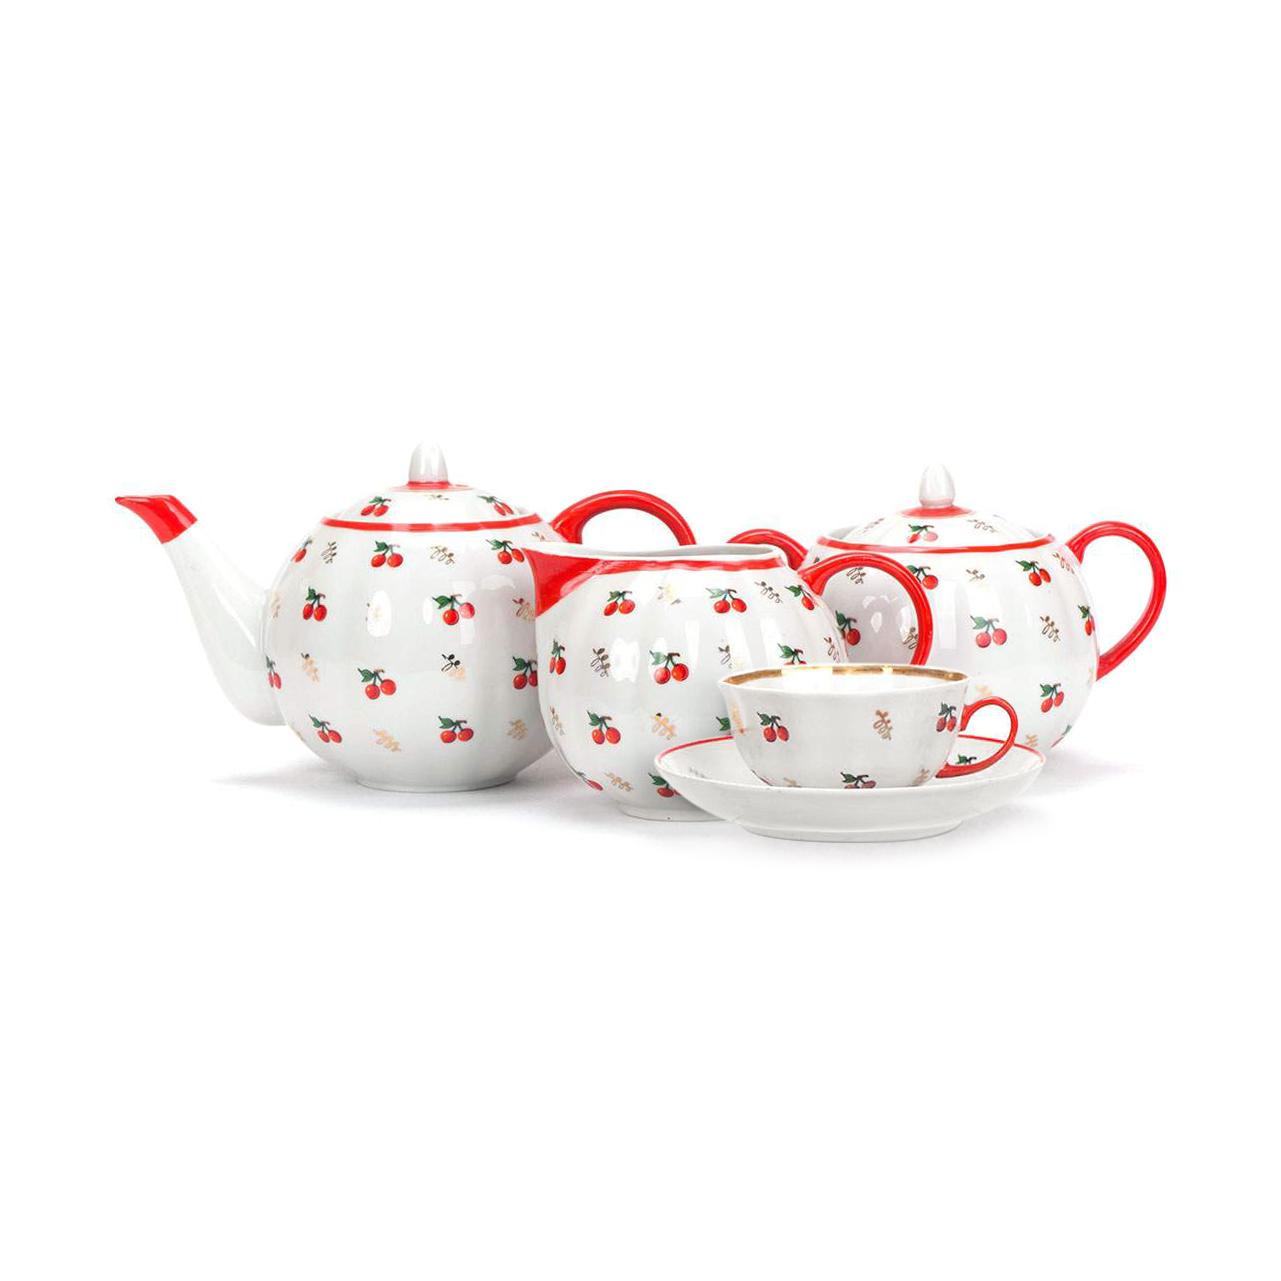 Чайный сервиз Дулево Ситцевый 6 персон 15 предметов